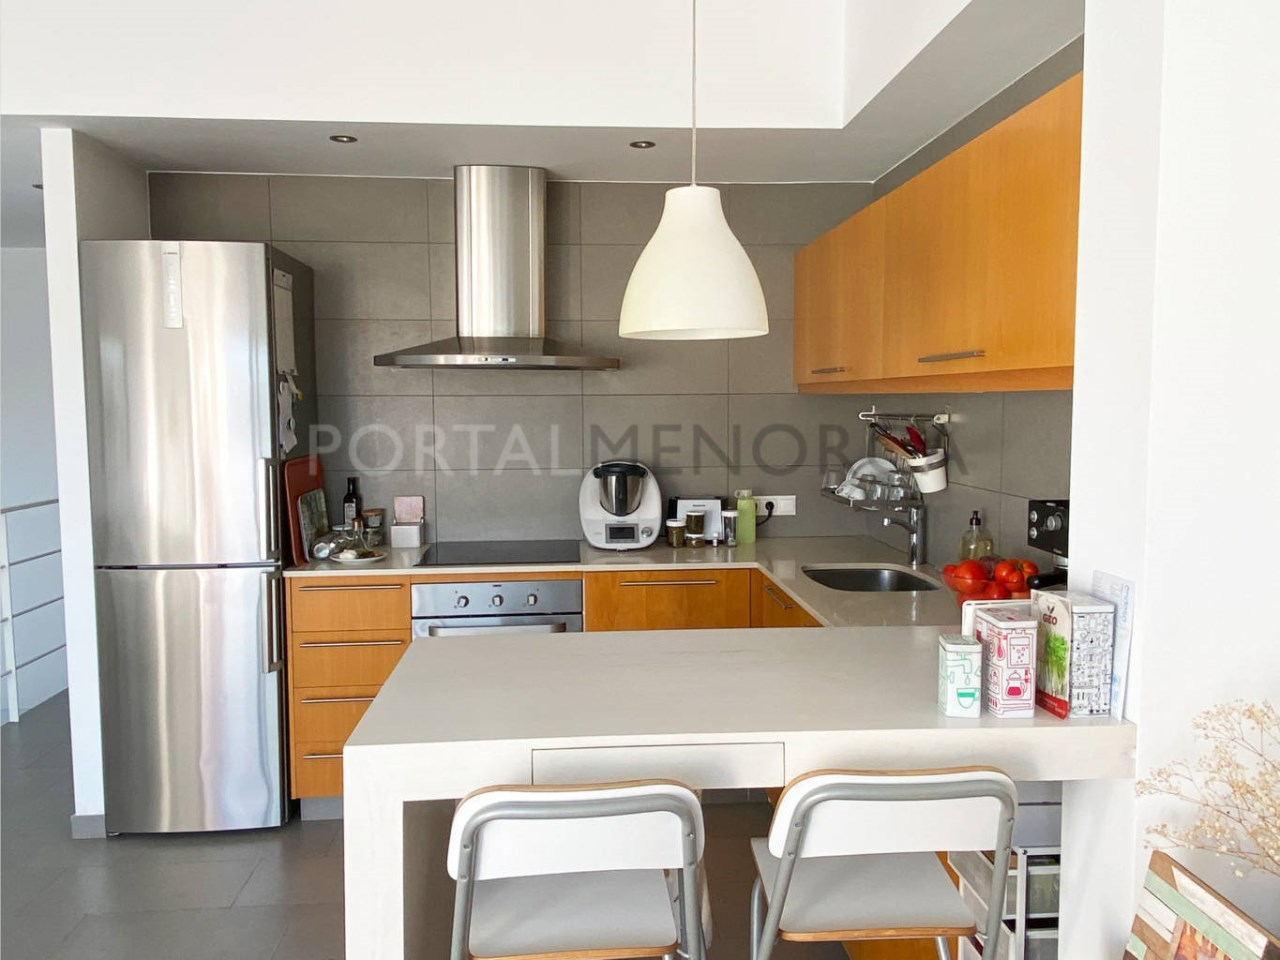 Flat in Ciutadella_kitchen